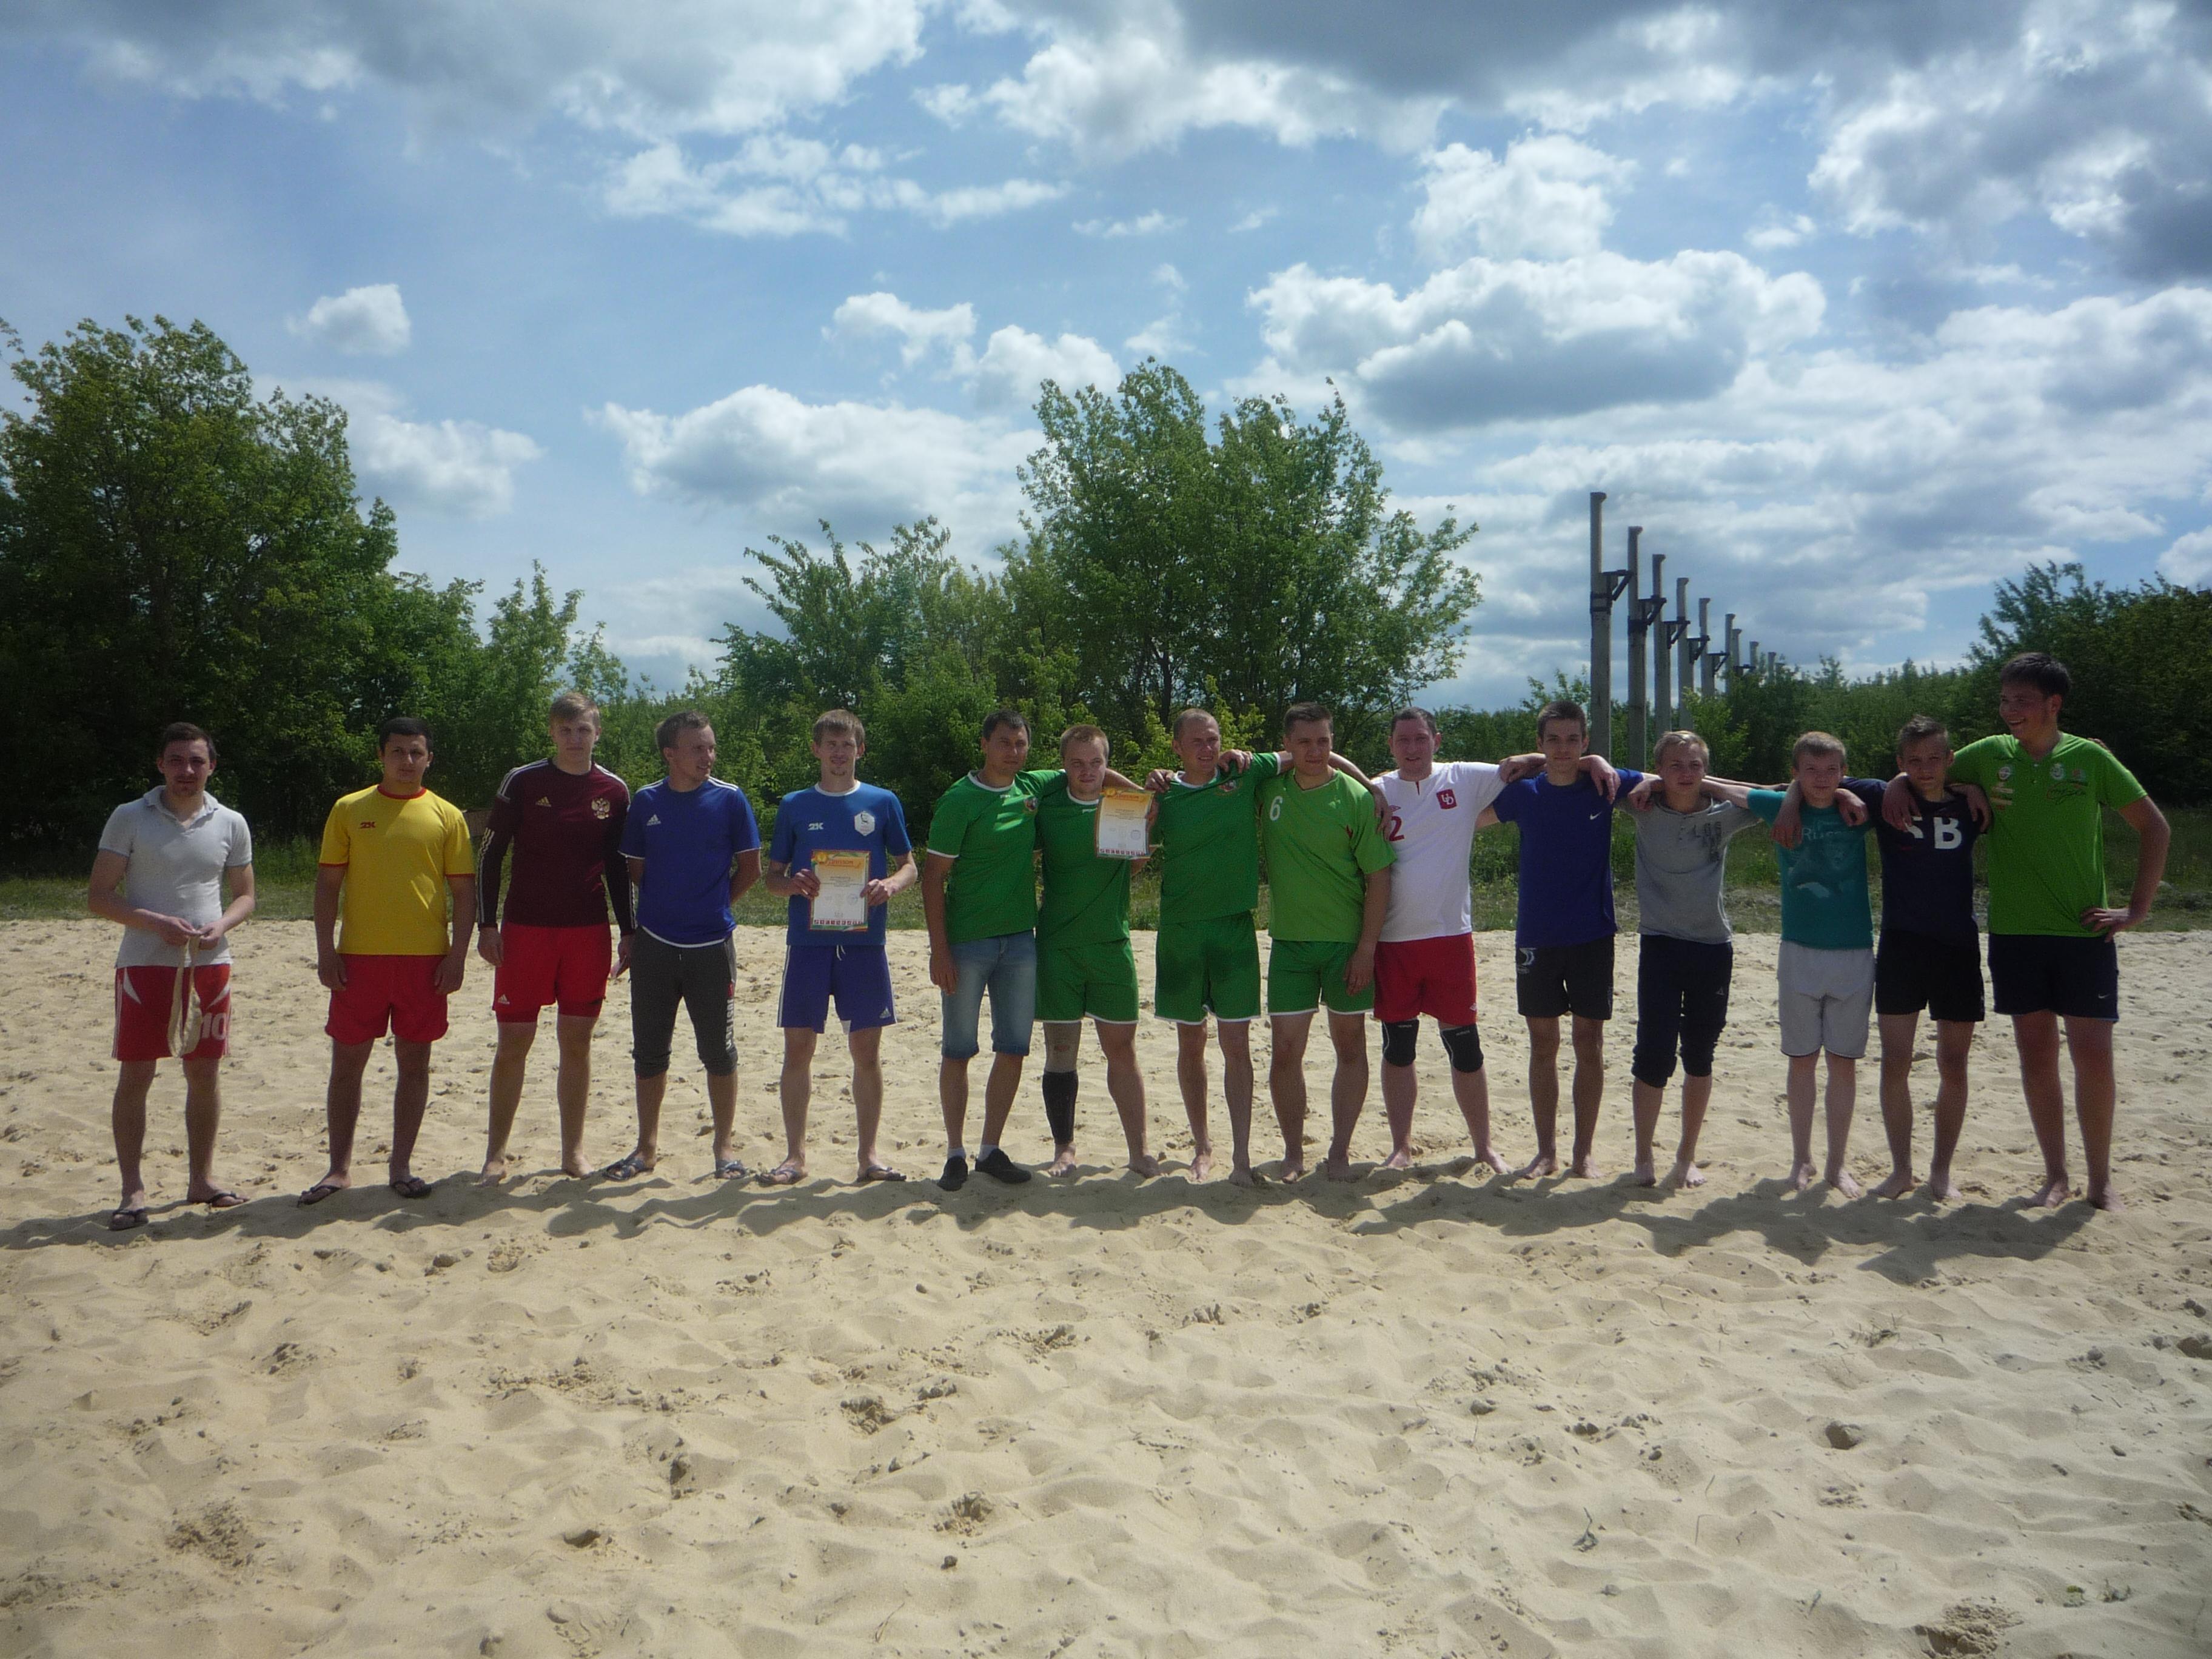 Изображение из альбома Пляжный футбол и пляжный волейбол в рамках празднования Дня России 12.06.2018